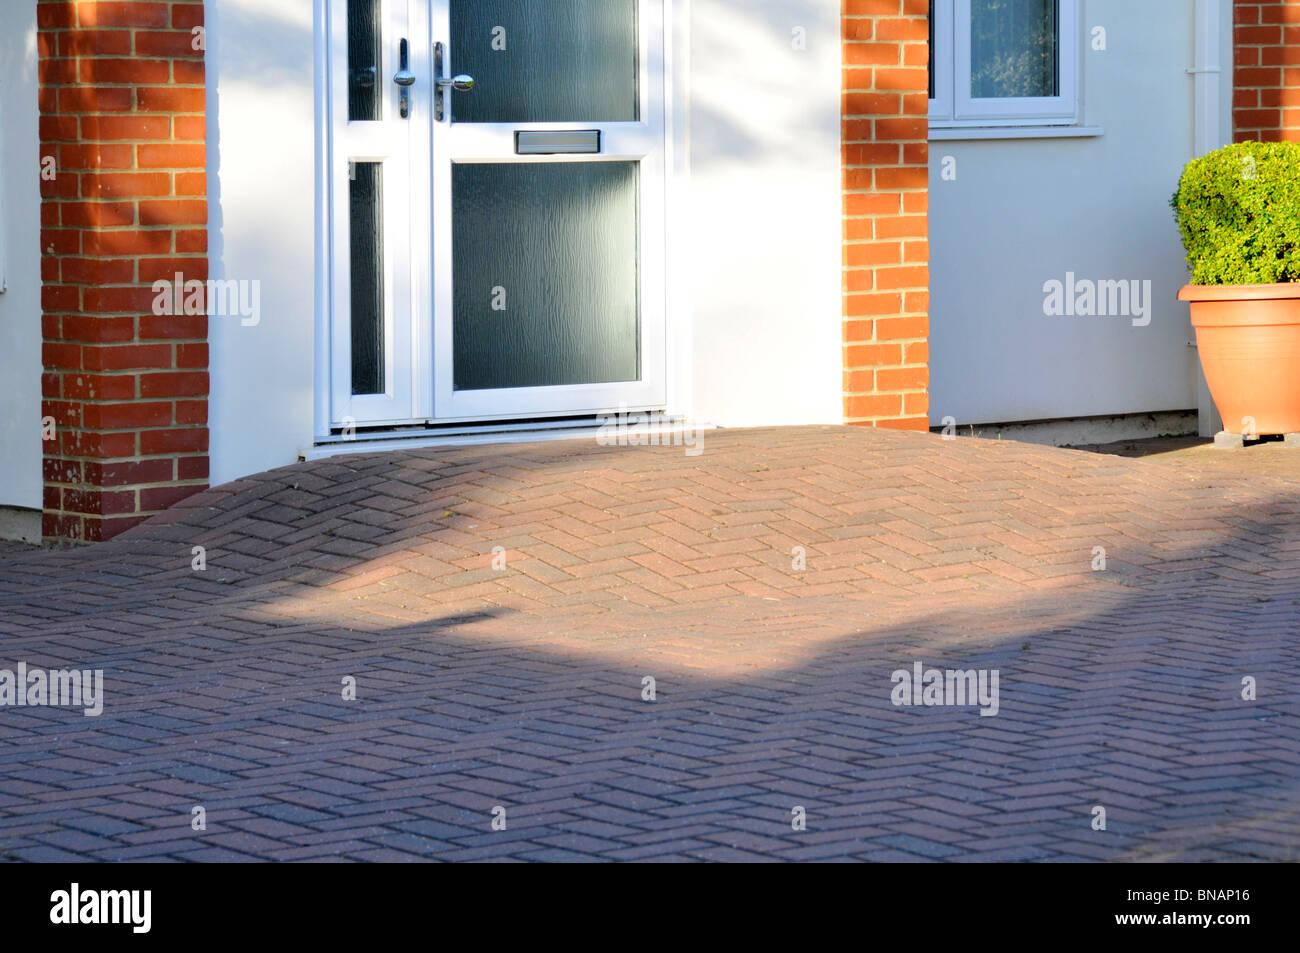 Block ebnet Behinderung Rampe vordere Tür, Schritt, den freien Zugang für Behinderte Rollstuhlfahrer Essex Stockbild